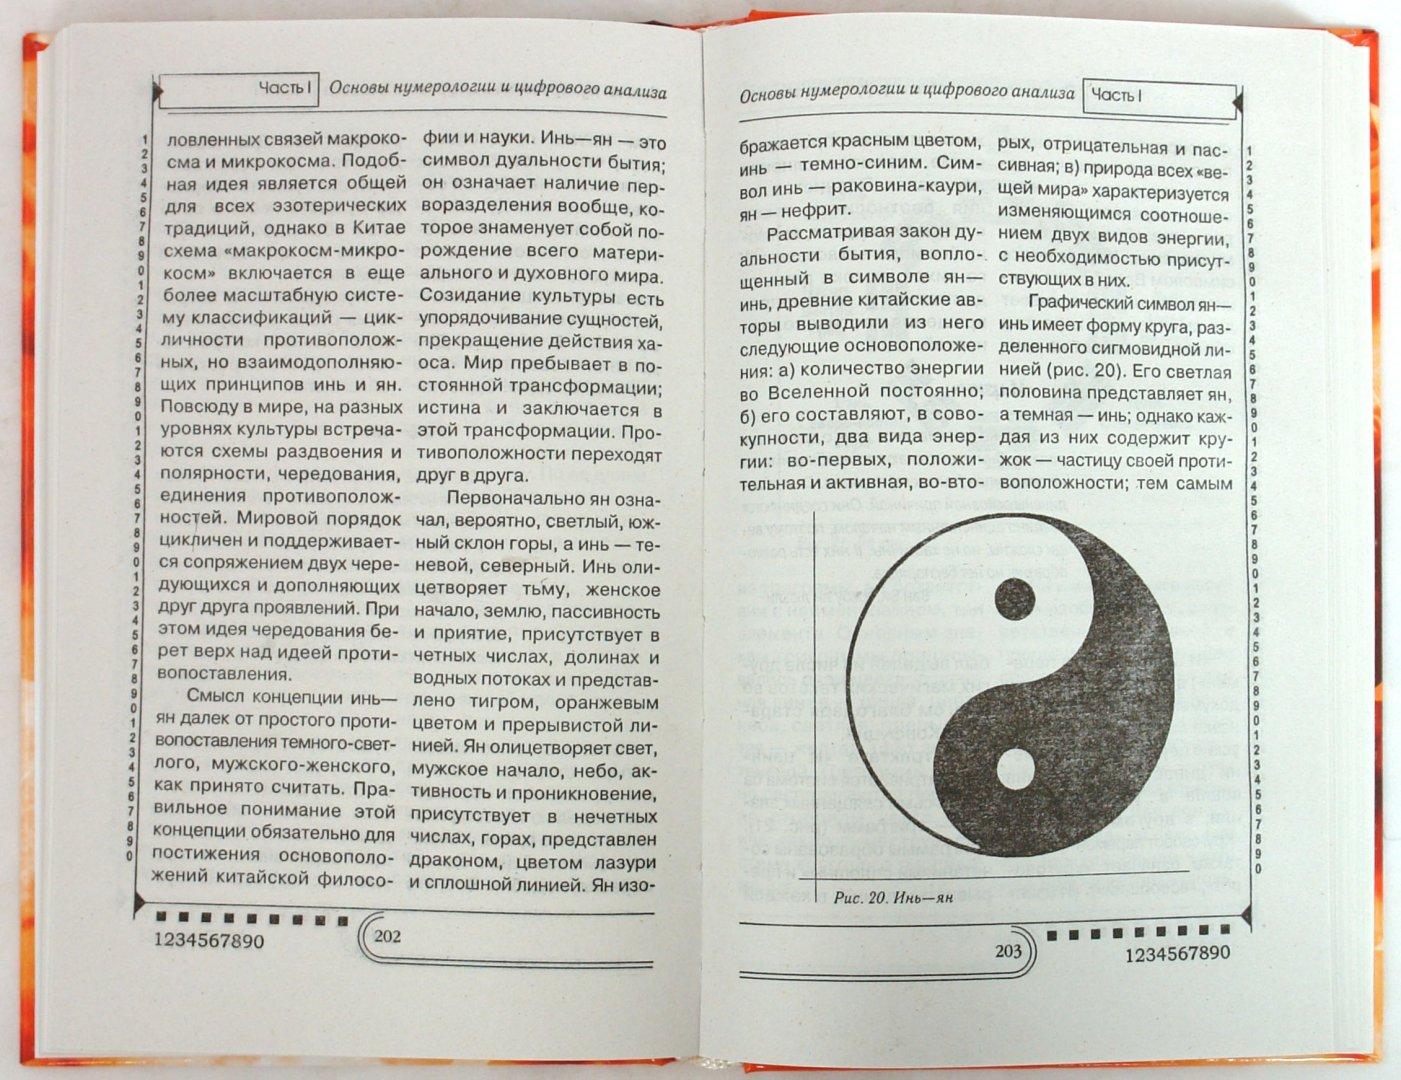 Иллюстрация 1 из 2 для Вся нумерология от даты и судьбы до цифрового анализа - Любовь Орлова | Лабиринт - книги. Источник: Лабиринт